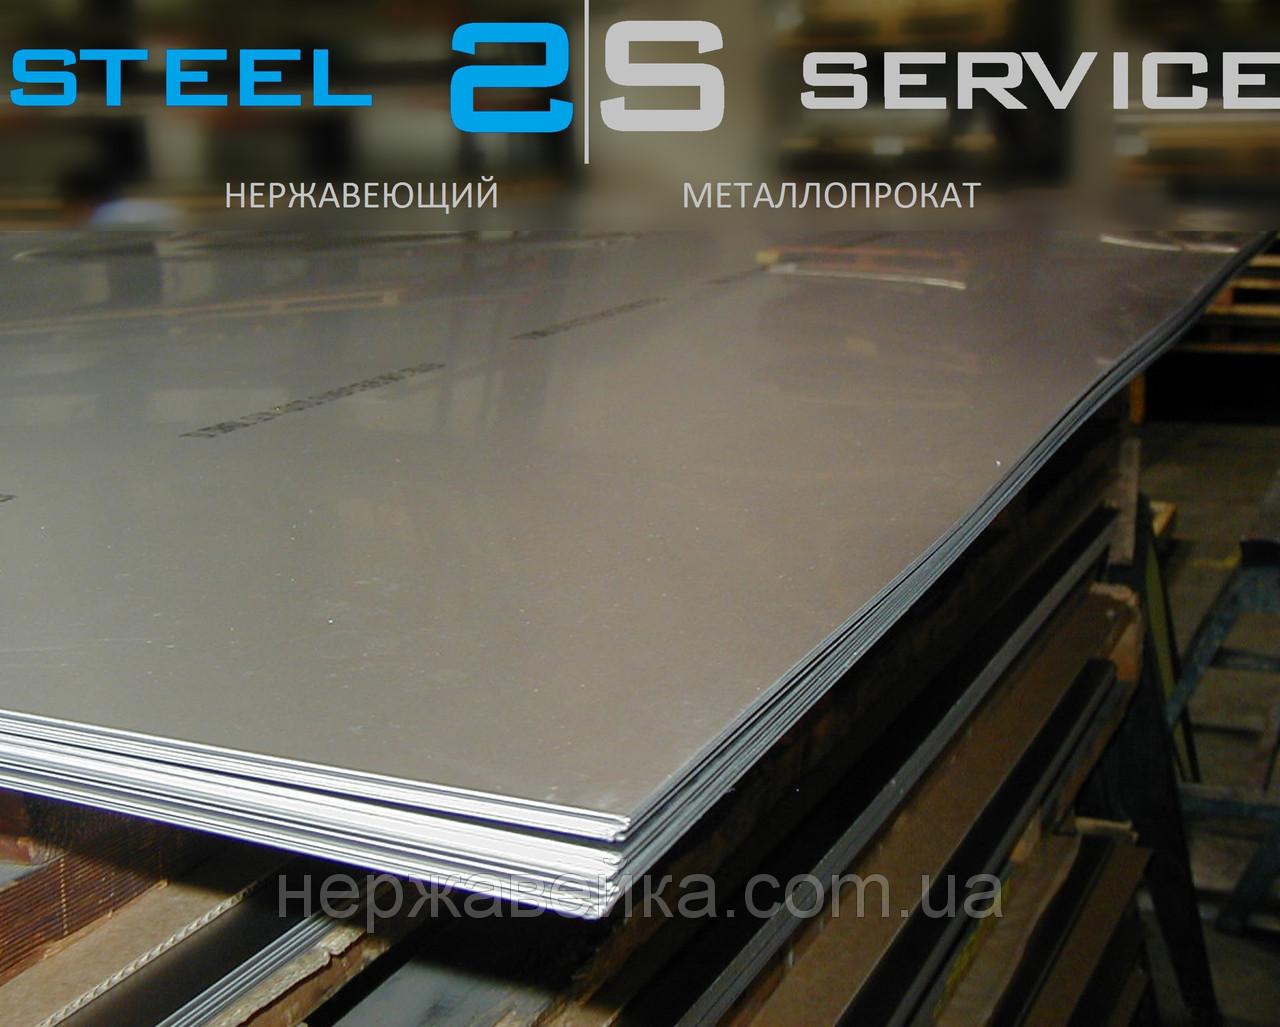 Нержавейка лист 5х1250х2500мм AiSi 201  (12Х15Г9НД) 2B - матовый